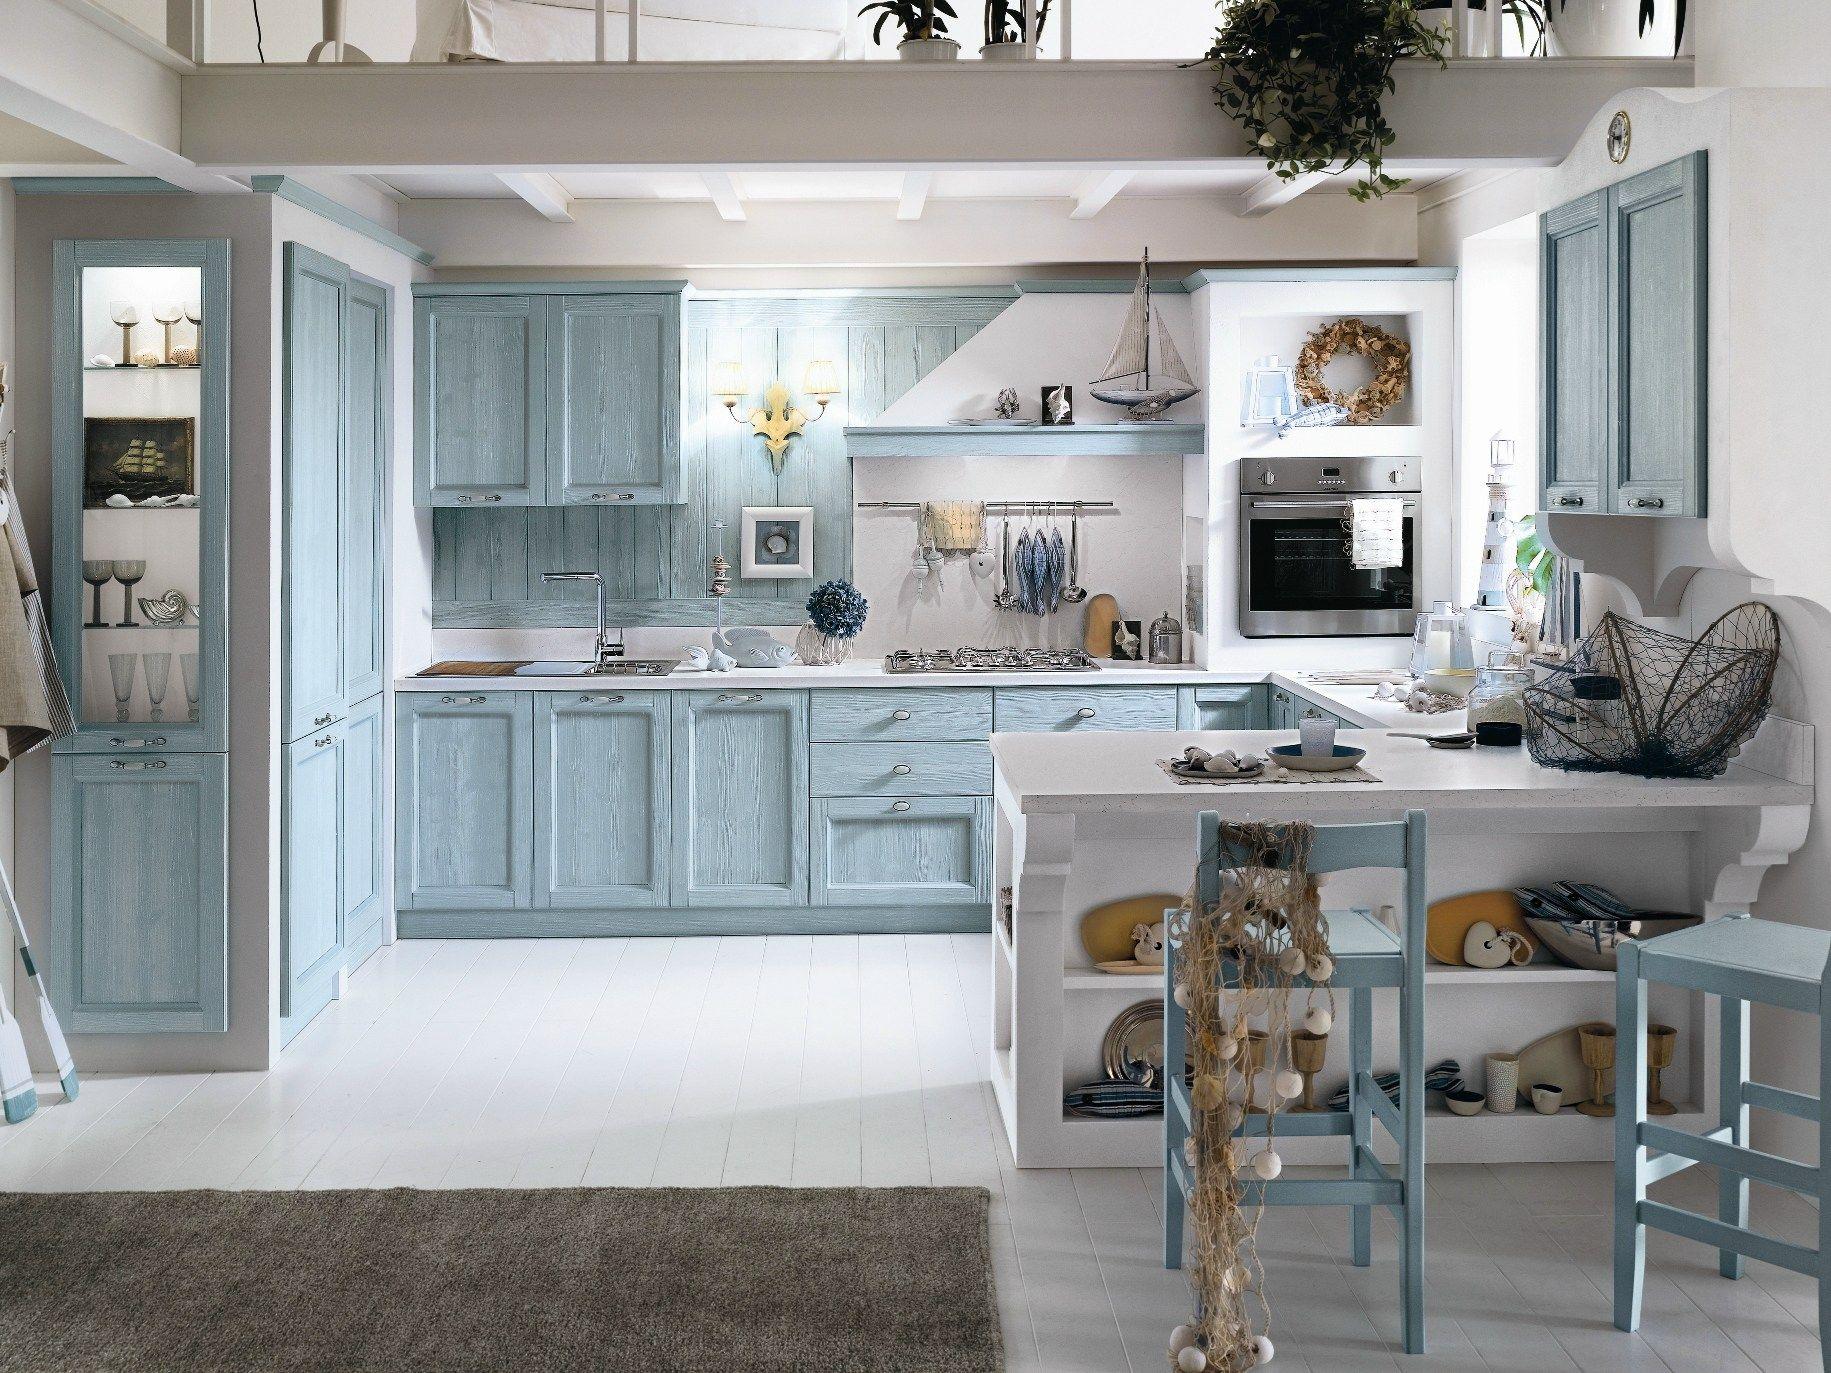 Every day cucina con penisola by callesella arredamenti s r l - Callesella cucine prezzi ...